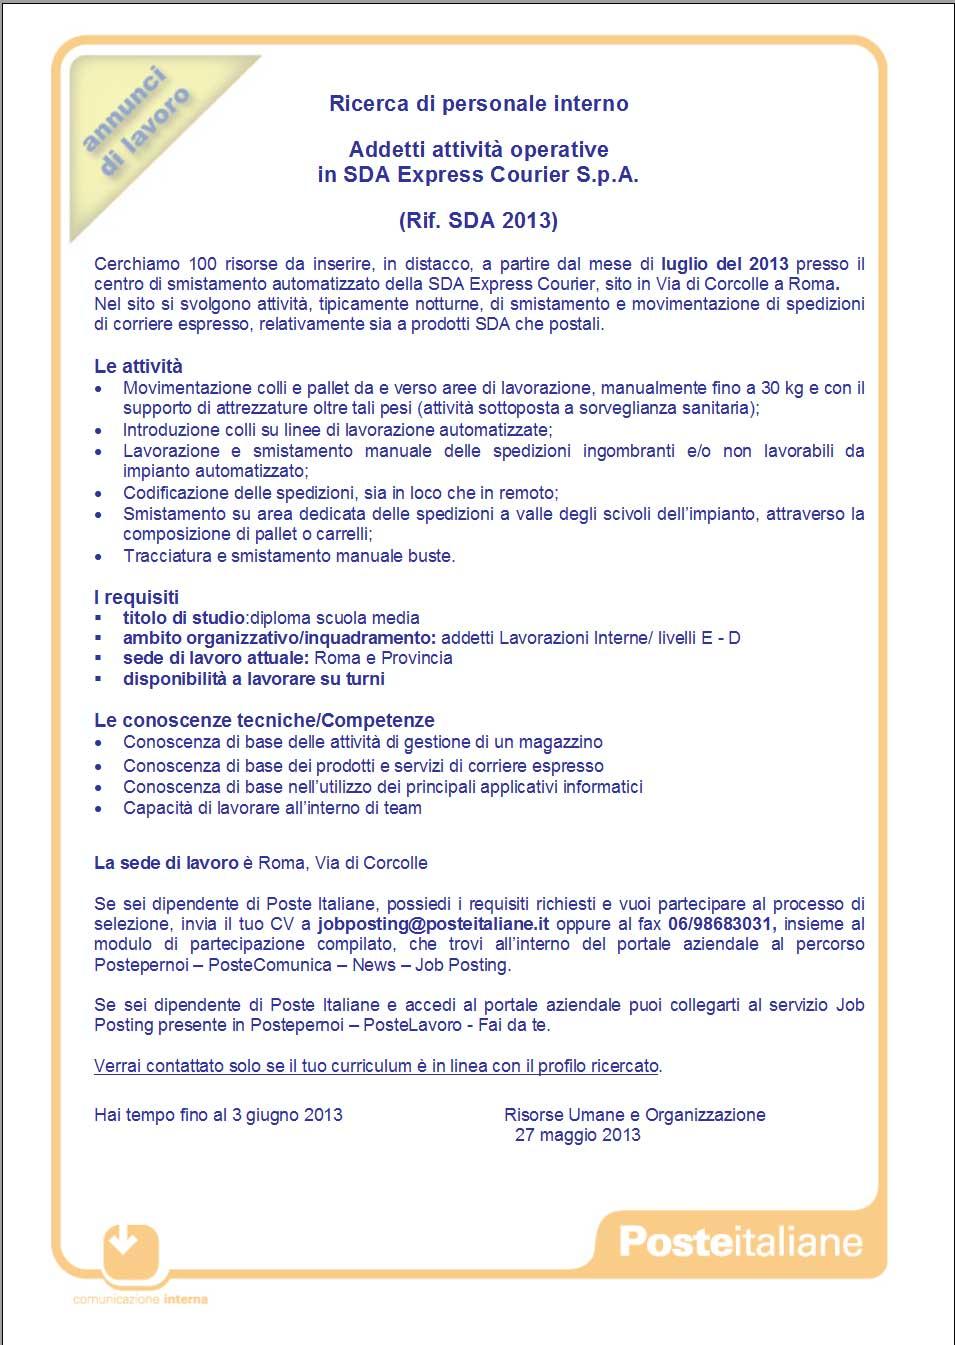 Recapito di Roma: Job Posting: Ricerca di personale interno